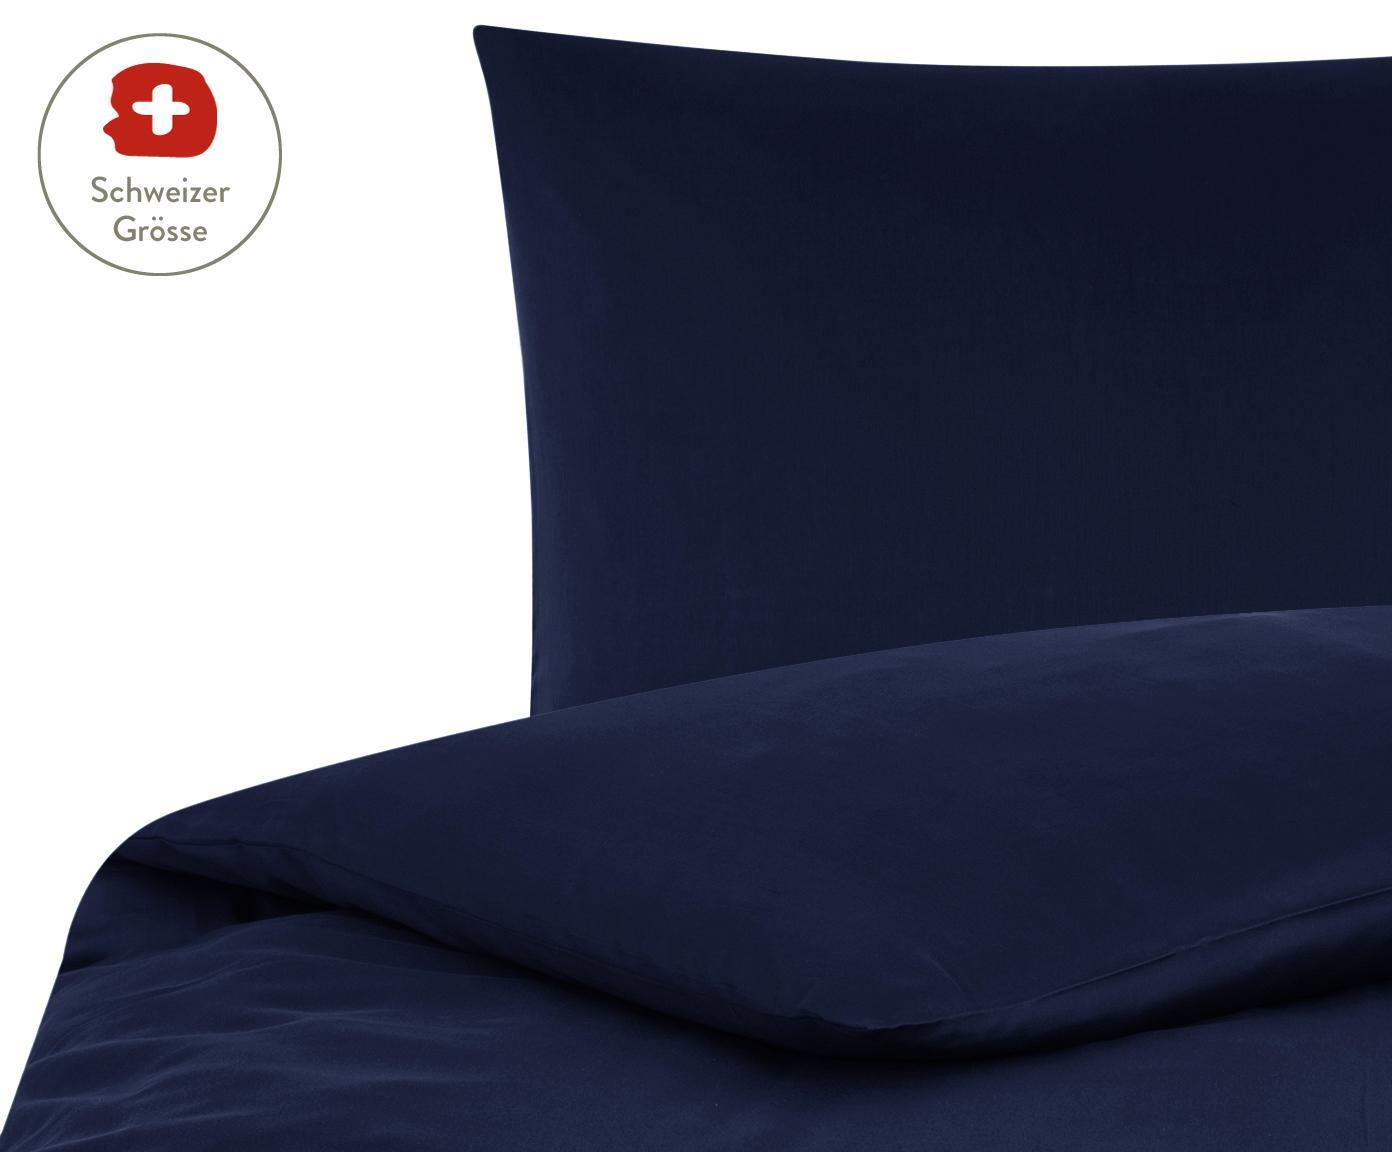 Baumwollsatin-Bettdeckenbezug Comfort in Dunkelblau, Webart: Satin, leicht glänzend, Dunkelblau, 160 x 210 cm